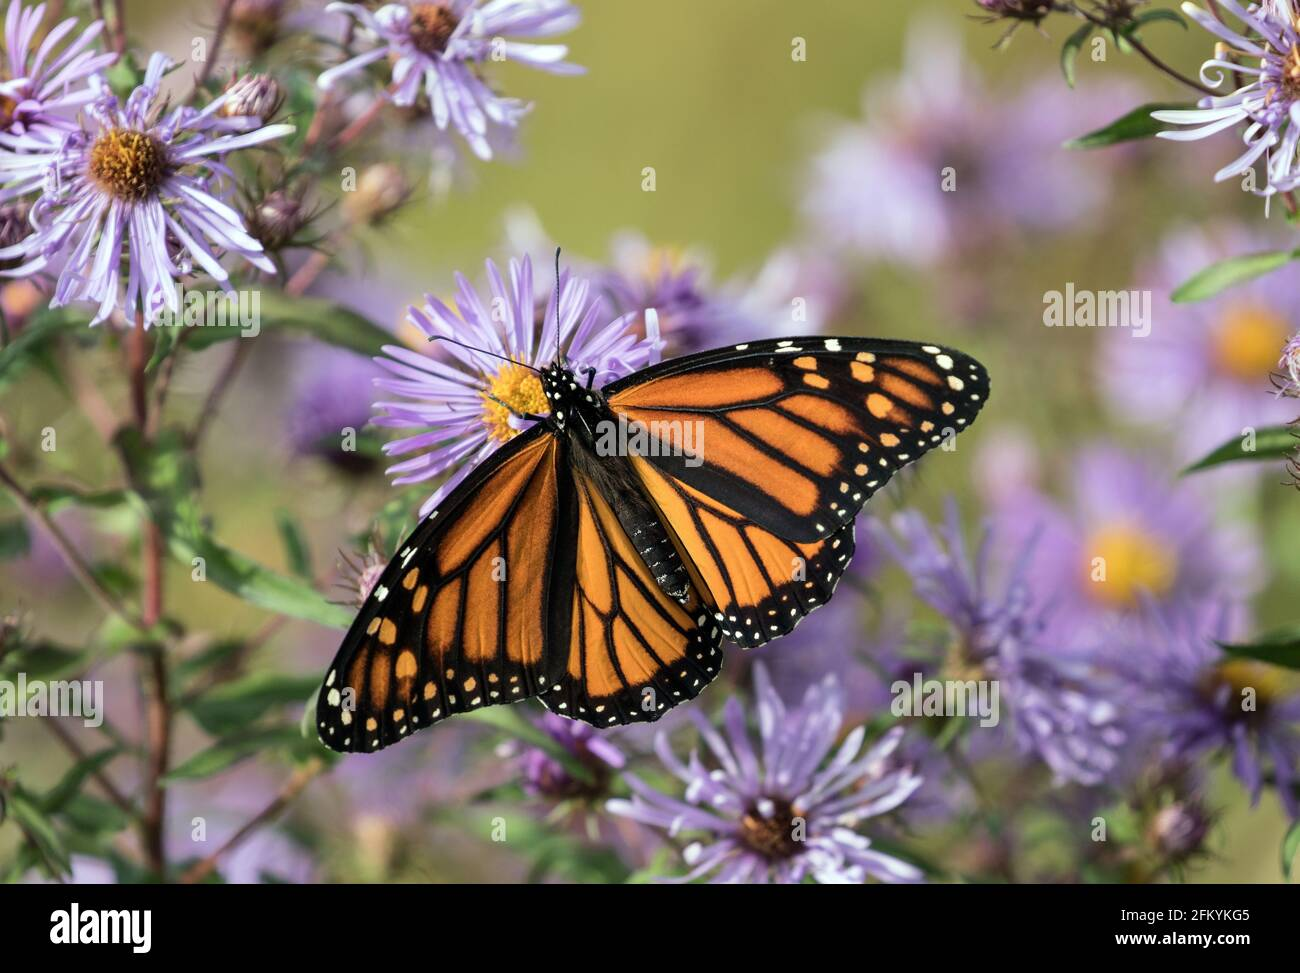 Primer plano de la mariposa monarca con alas abiertas alimentándose del néctar de New England Asters en otoño, Canadá. El nombre científico es Danaus plexippus. Foto de stock